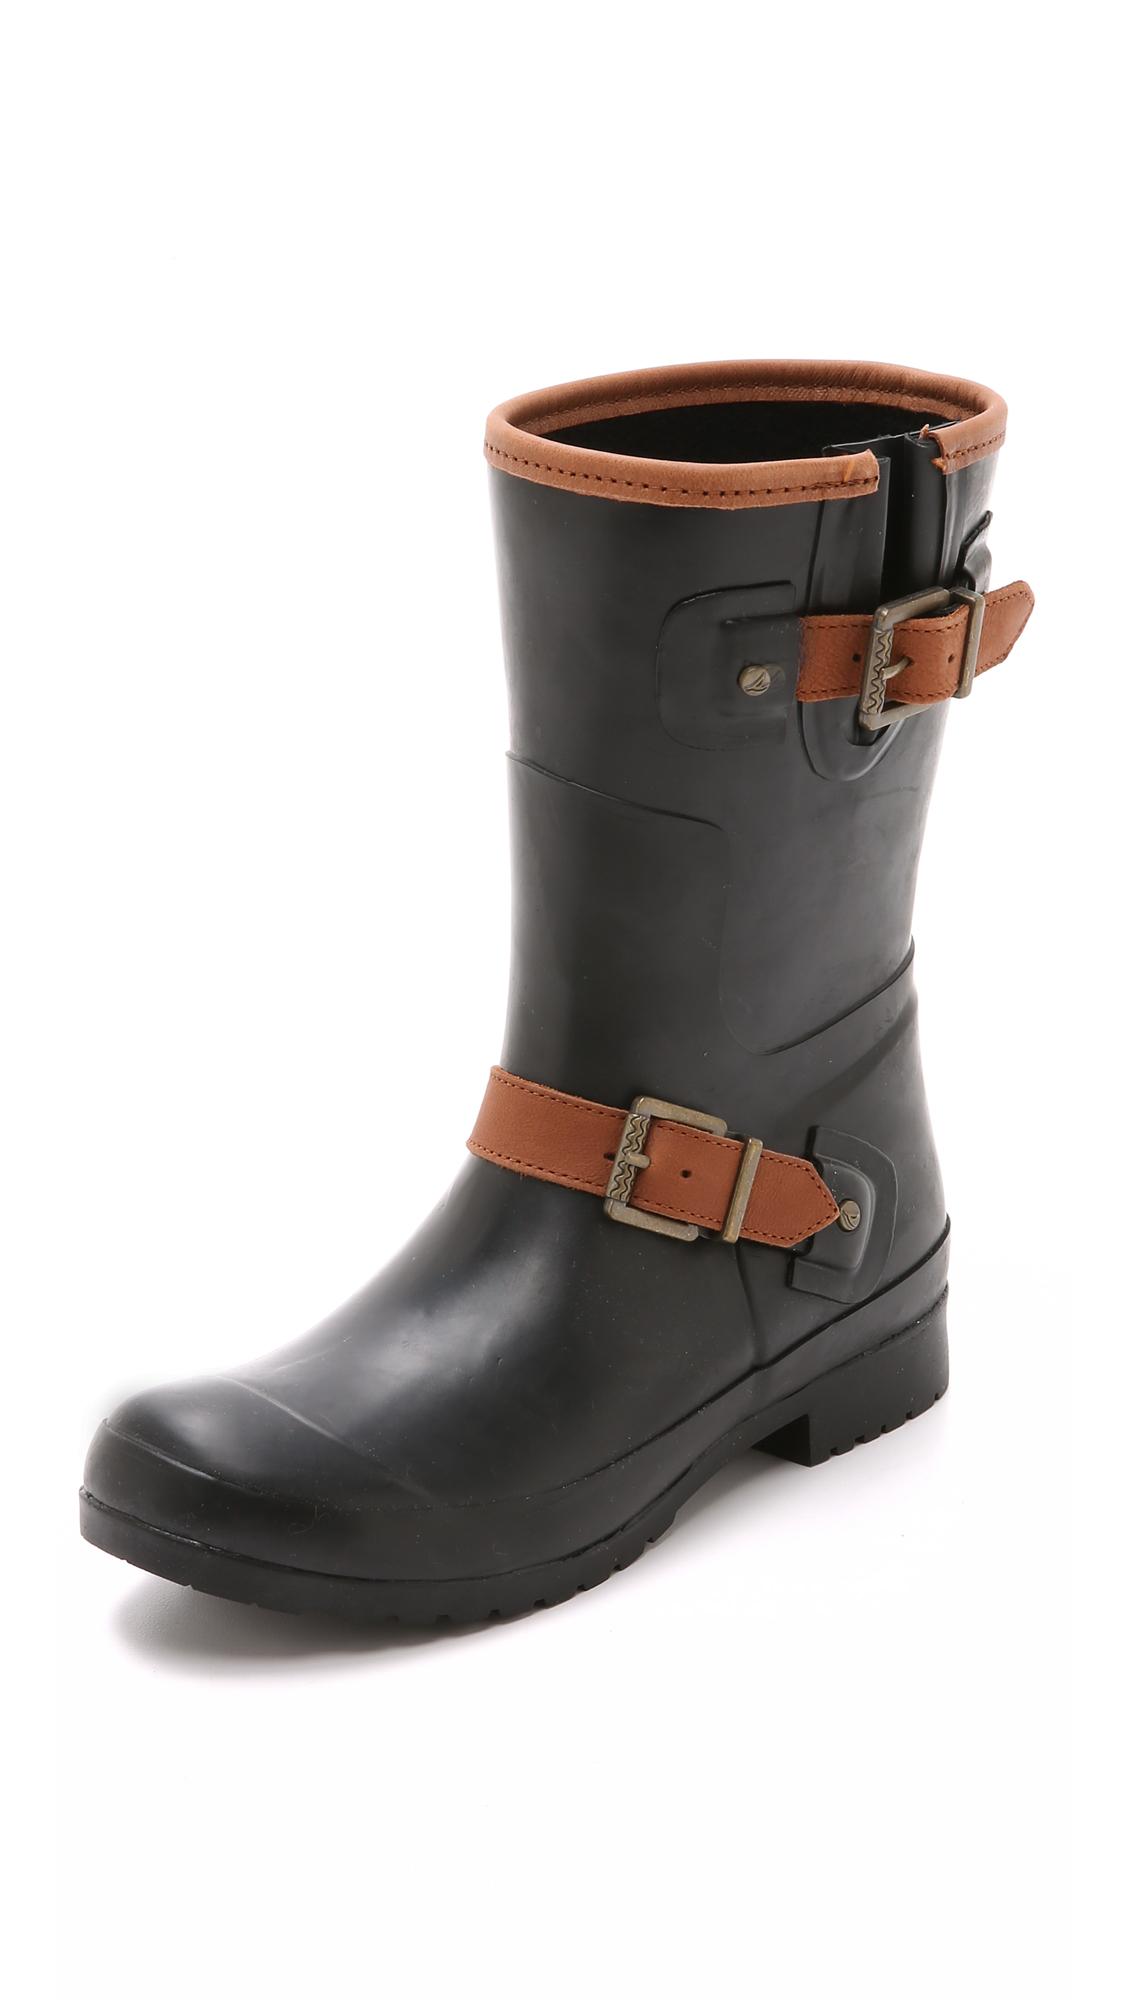 Sperry Top-Sider Walker Fog Rain Boots